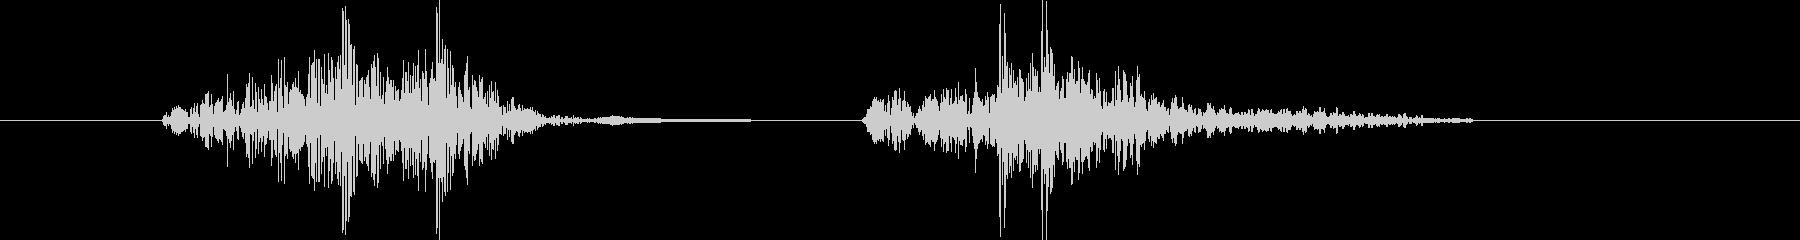 【ふぃと】エンコード192kbps レ…の未再生の波形